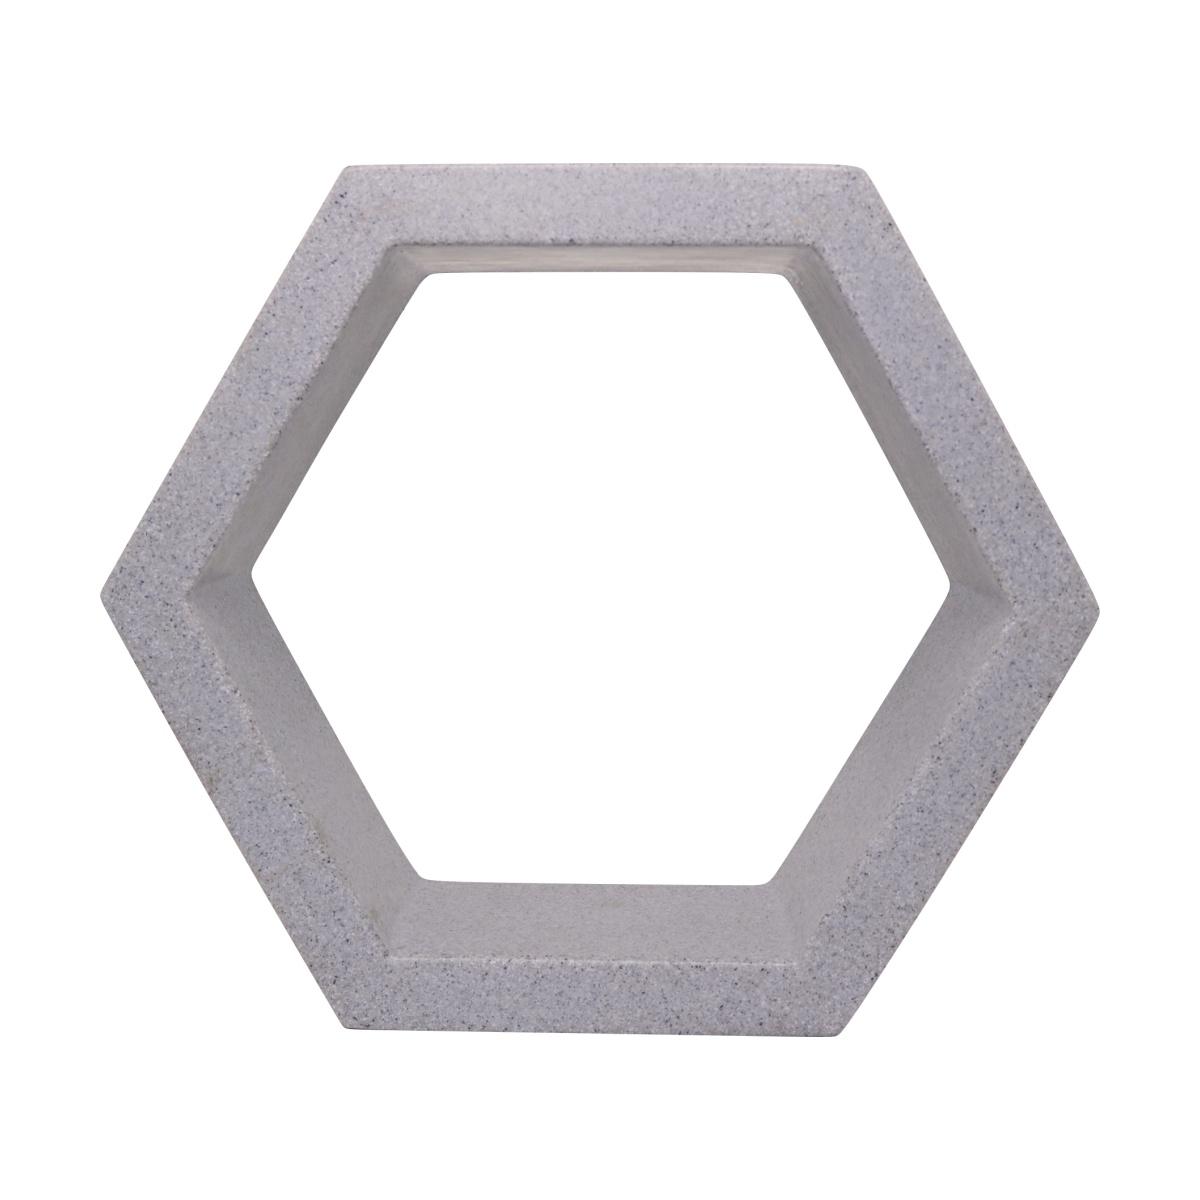 Nicho Sextavado Vogue cor Cinza Pedra 29,5cm x 34cm - CPP1-CP